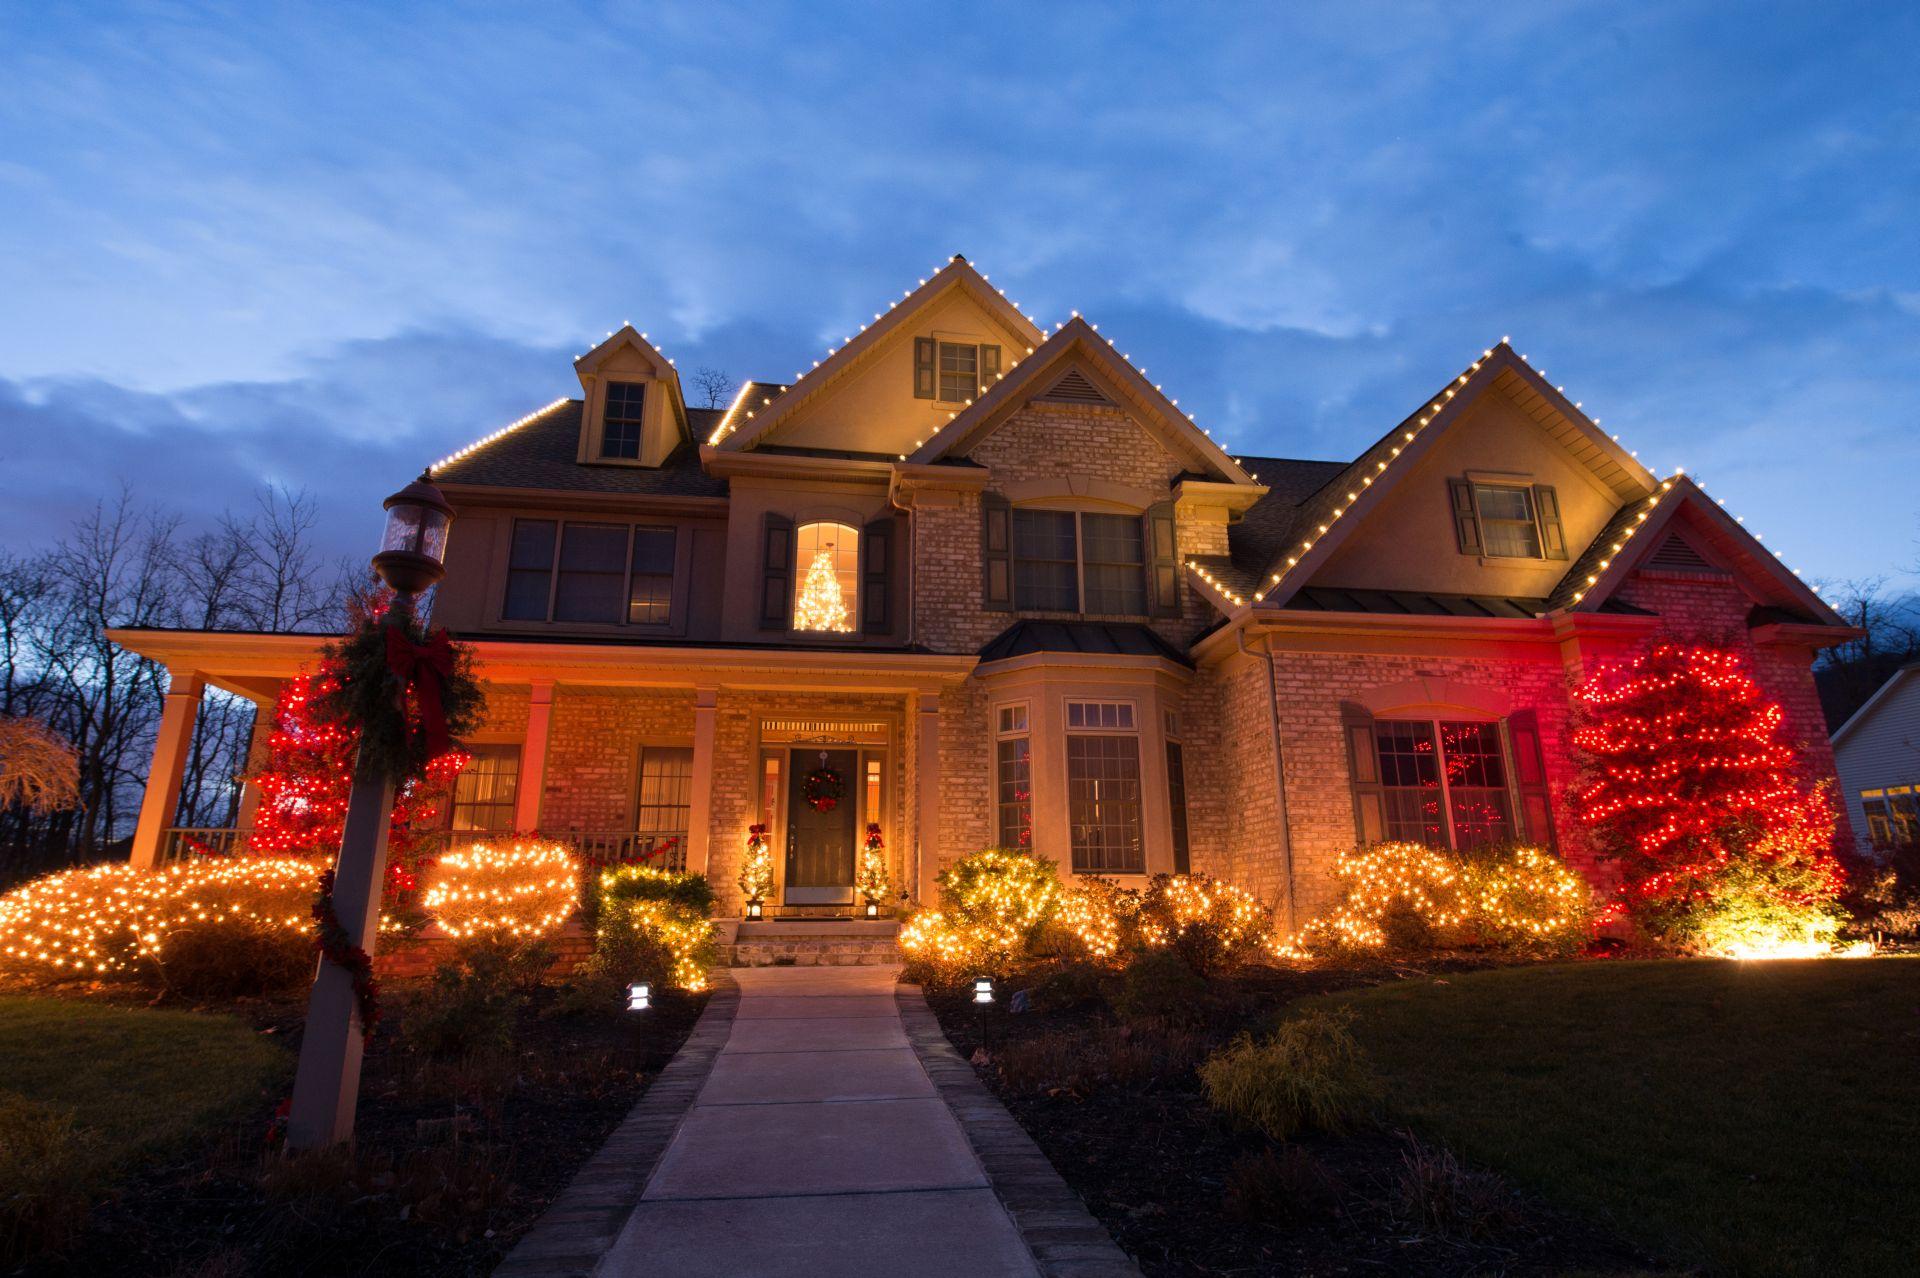 Seth_Maurer_Landscaping_Holiday_Decorating_Roof_Line_001_002